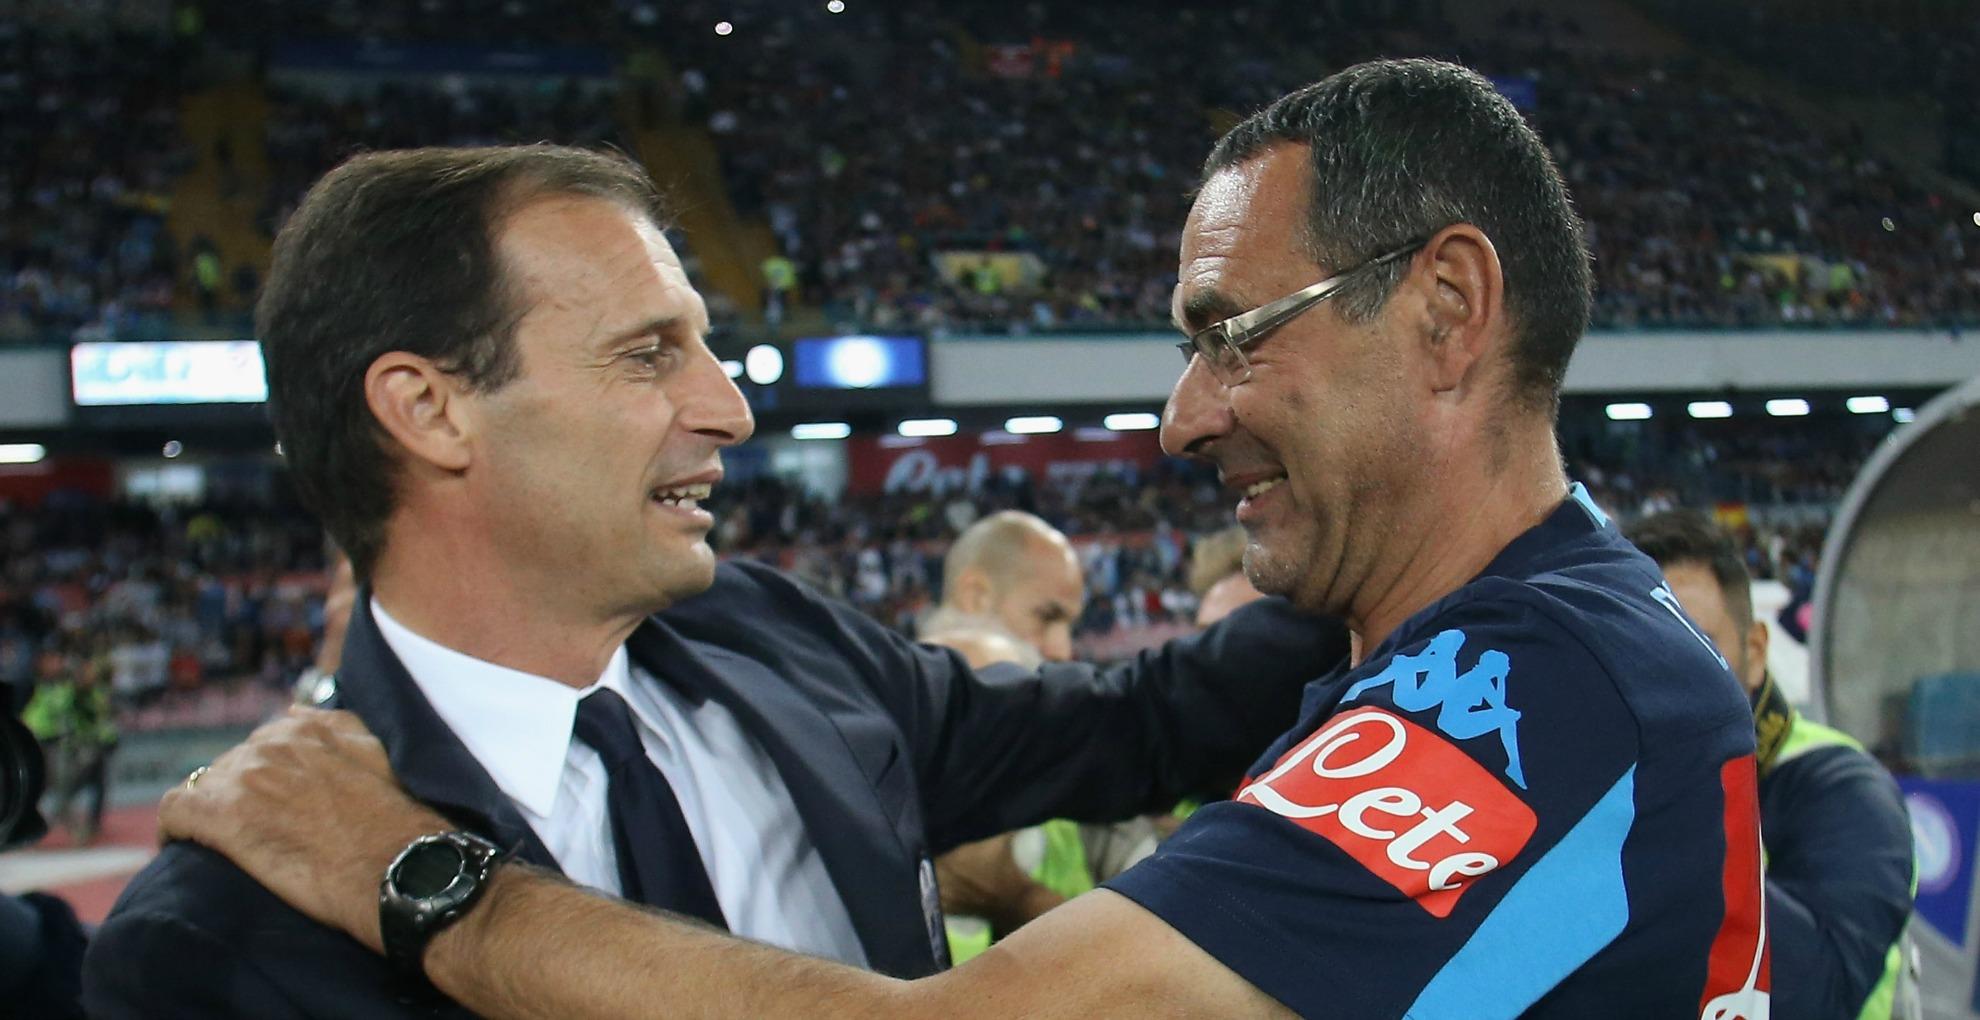 Juventus-Napoli, FORMAZIONI UFFICIALI: Sarri con i titolarissimi, Allegri sceglie Dybala